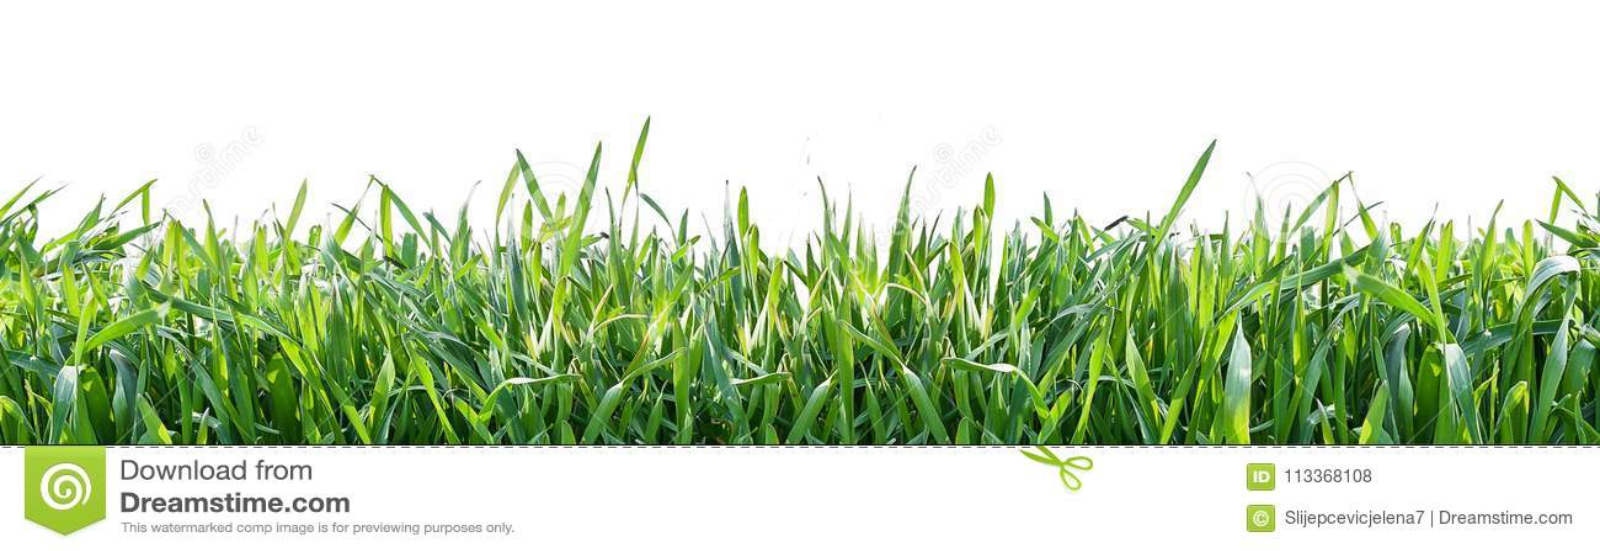 Erba verde isolata su priorità bassa bianca Sfondo naturale